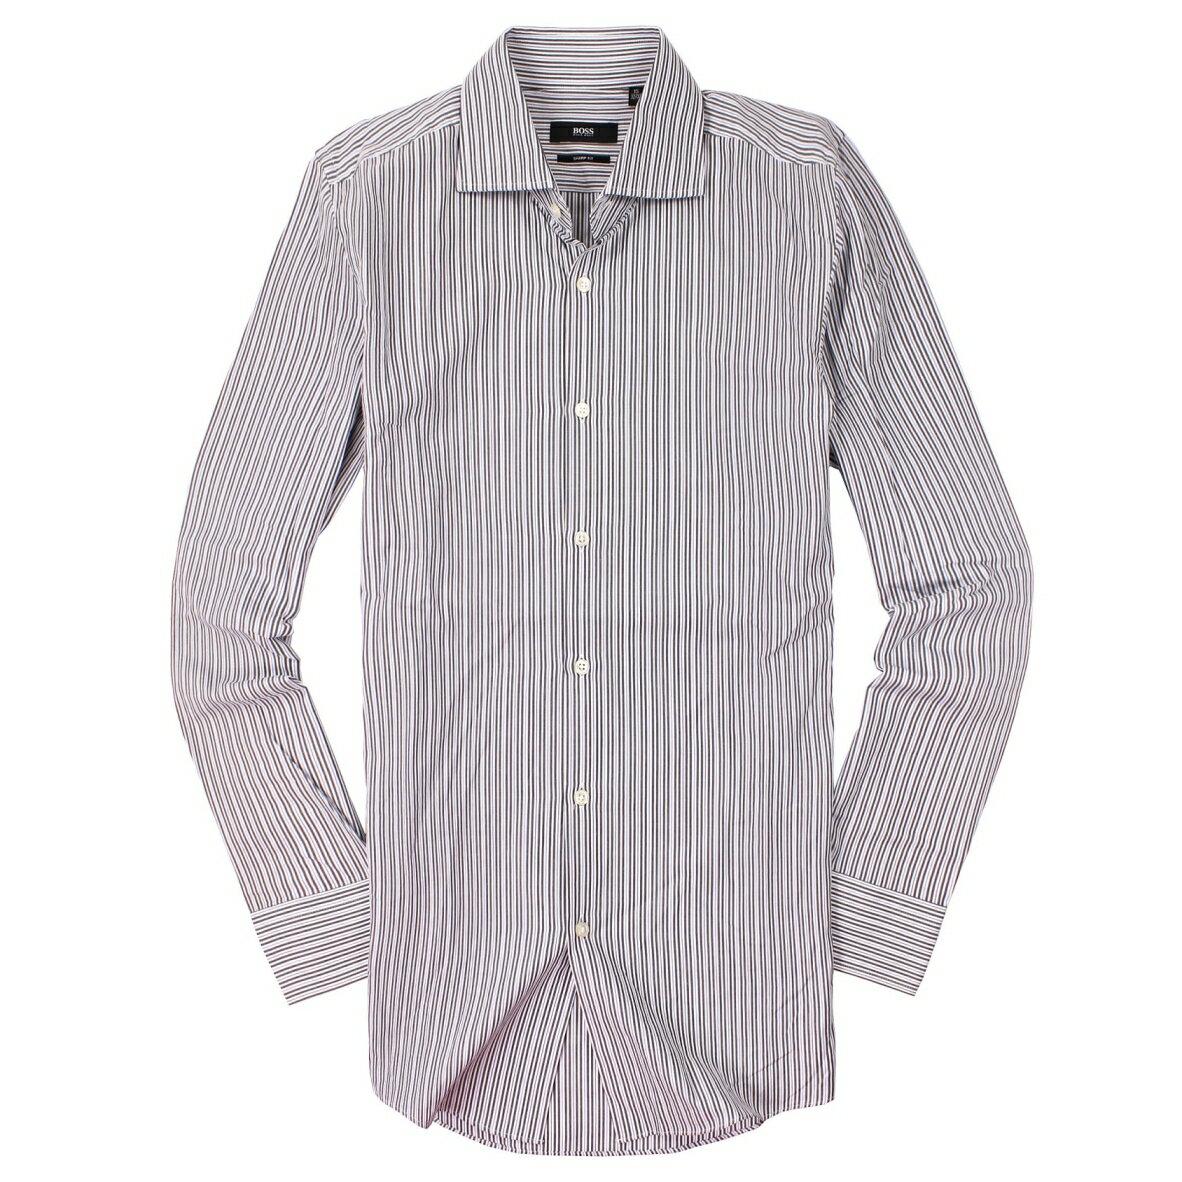 美國百分百【全新真品】Hugo Boss 襯衫 長袖 上衣 上班 休閒 條紋 專櫃 名牌 灰 男衣 15號 M號 C670